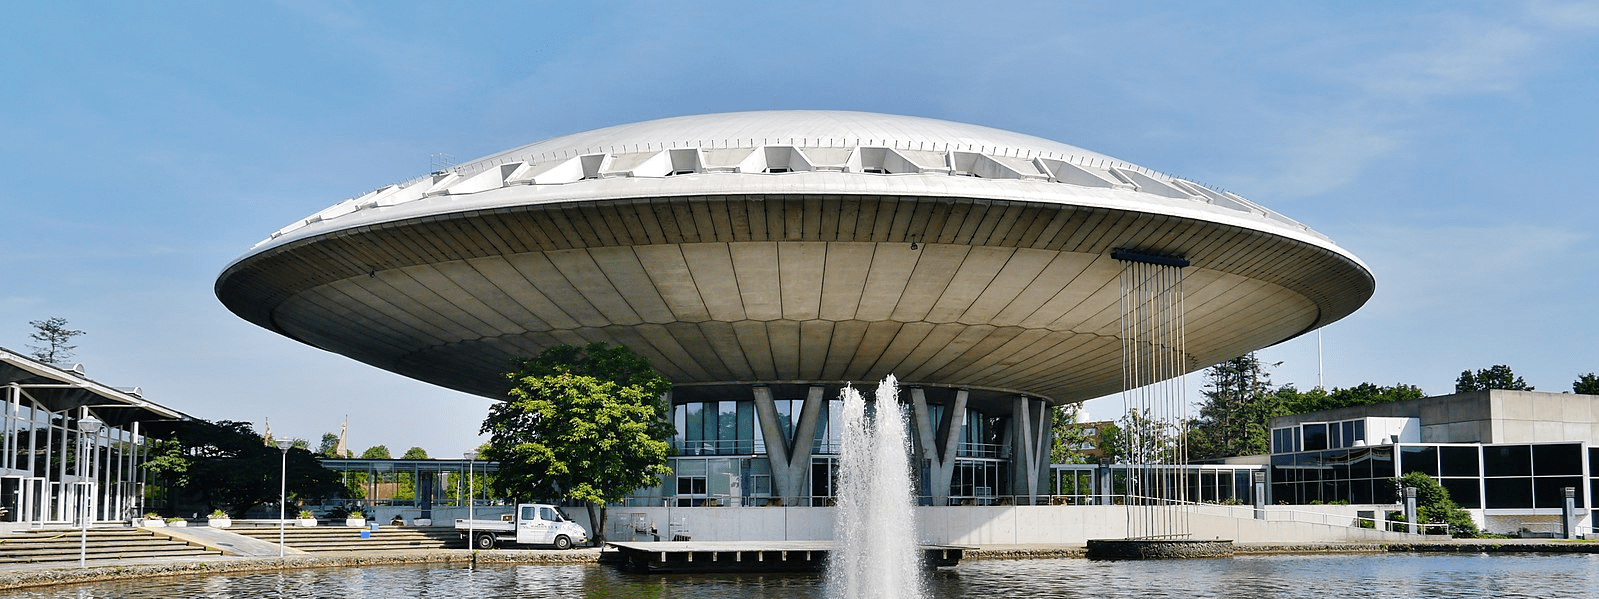 eindhoven-bedrijfsuitje-events-stedentrip-eindhoven